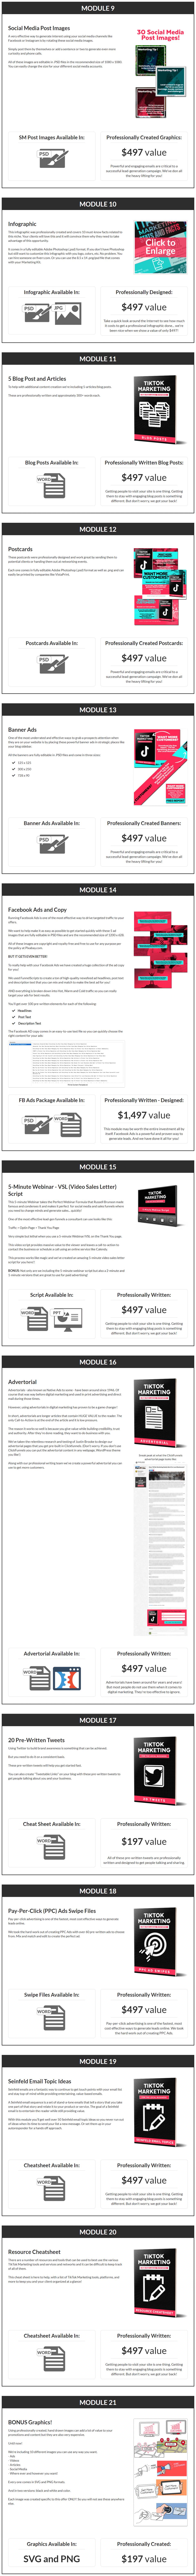 Tiktok-Marketing-Secrets-PLR-feature-4-module